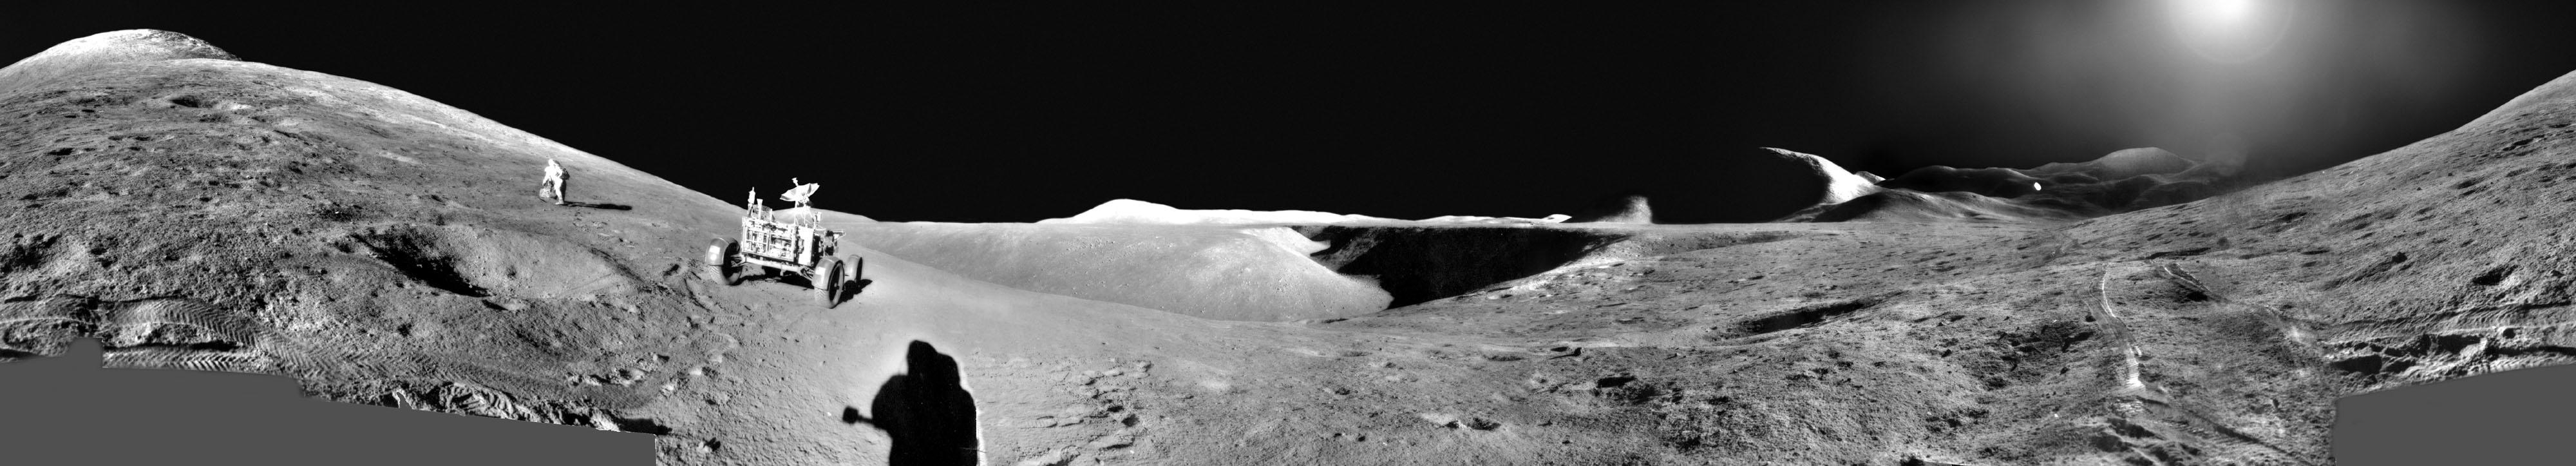 Des astronautes explorent la Lune : panorama d'Apollo 15